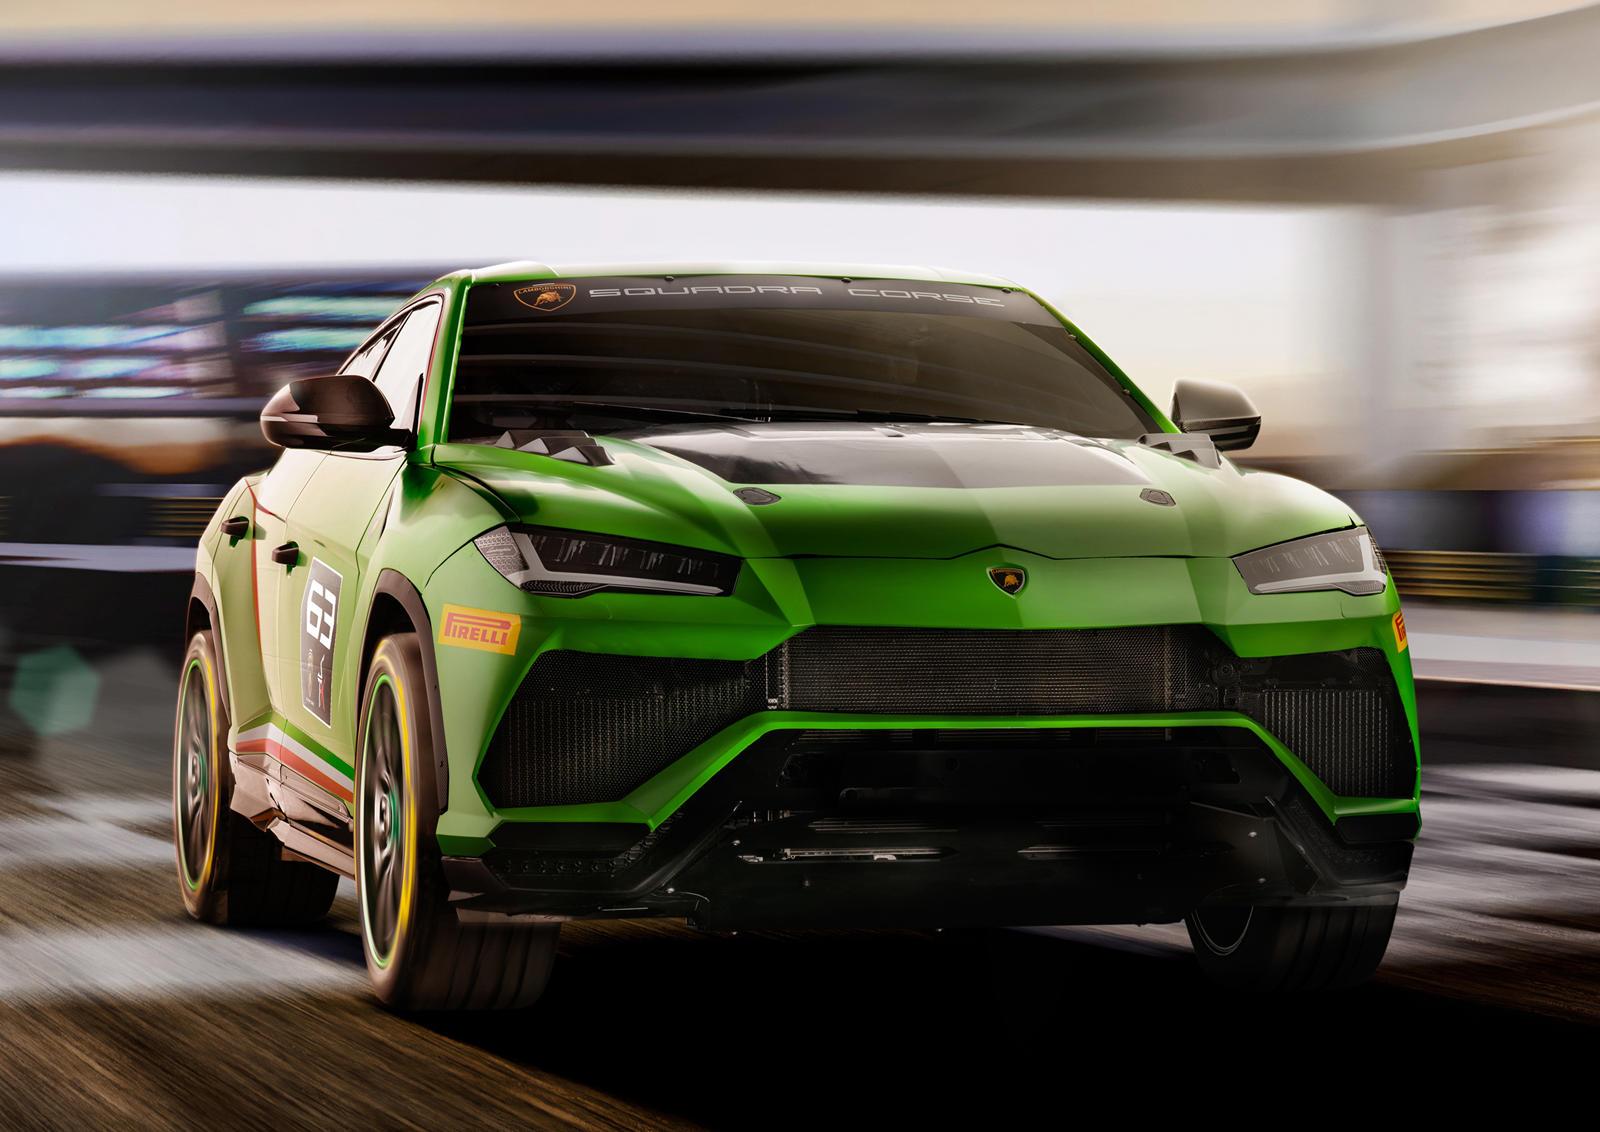 Lamborghini Urus St X Sends The Big Bull To The Track Carbuzz